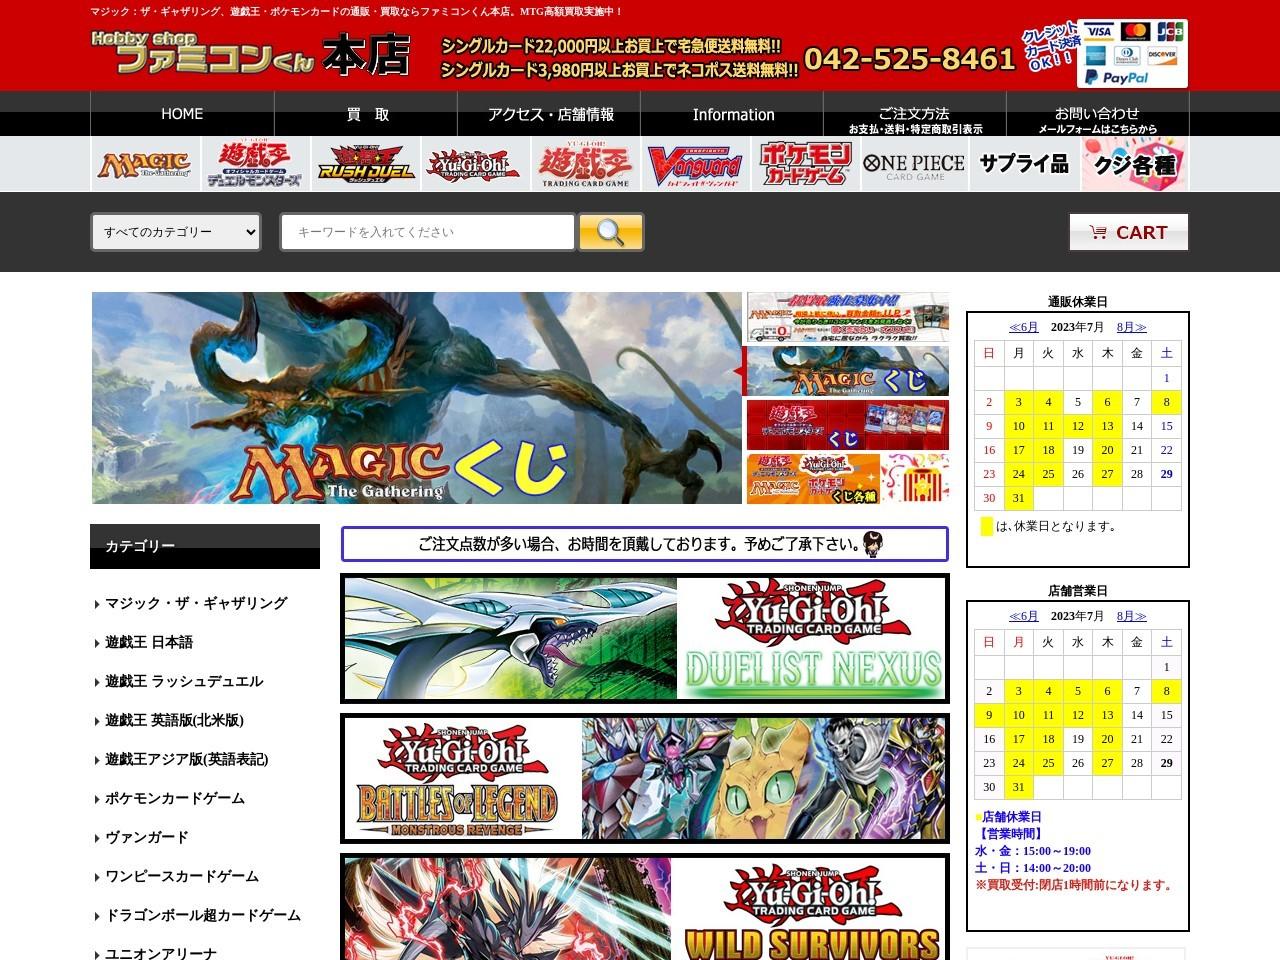 マジック:ザ・ギャザリング、遊戯王・ヴァンガード・ヴァイスシュヴァルツの通販・買取ならカードショップ ファミコンくん。MTG高価買取実地中!